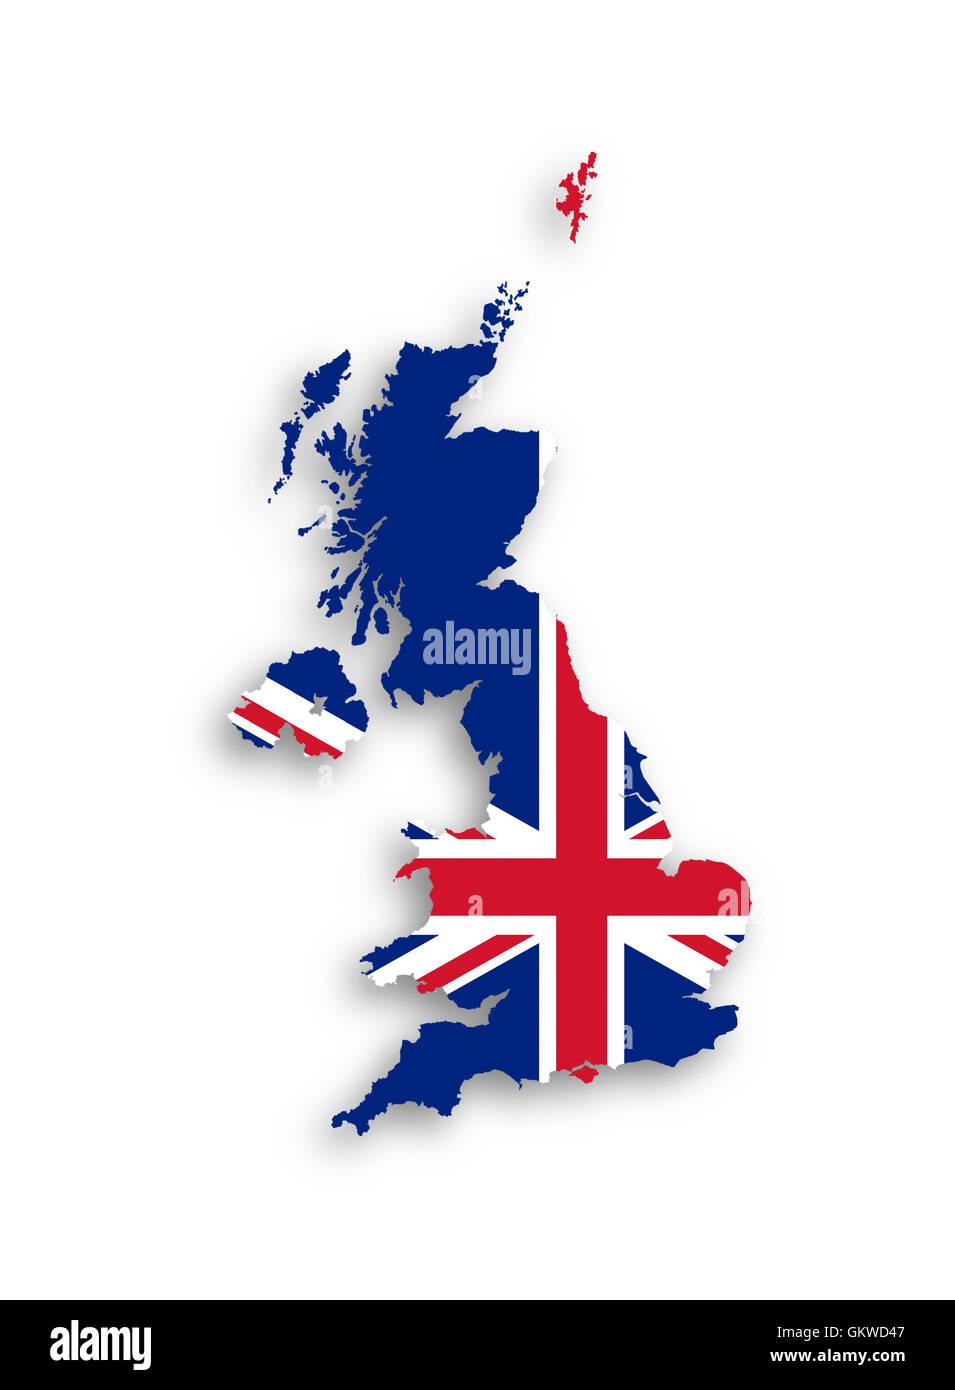 Cartina Regno Unito E Irlanda Del Nord.Mappa Del Regno Unito Di Gran Bretagna E Irlanda Del Nord Foto Stock Alamy